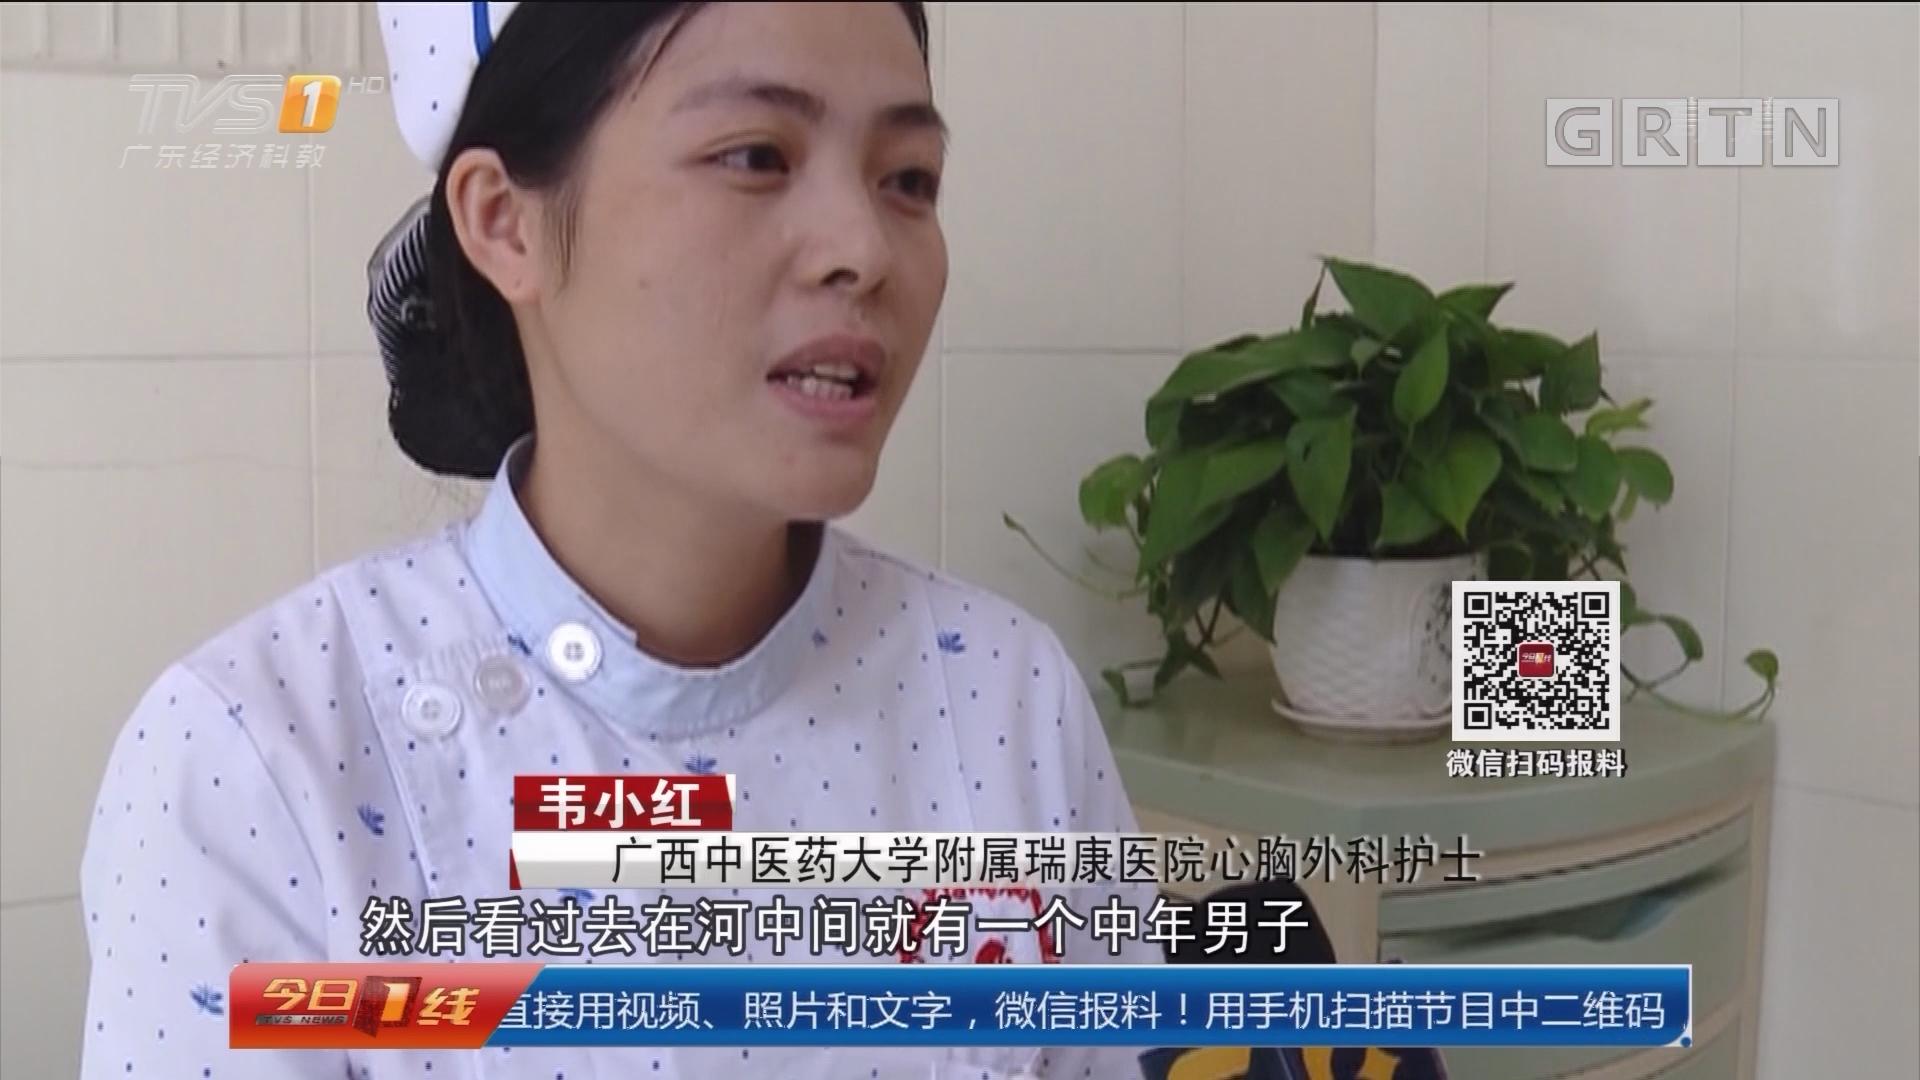 广西:最美女护士 心肺复苏挽救溺水男童